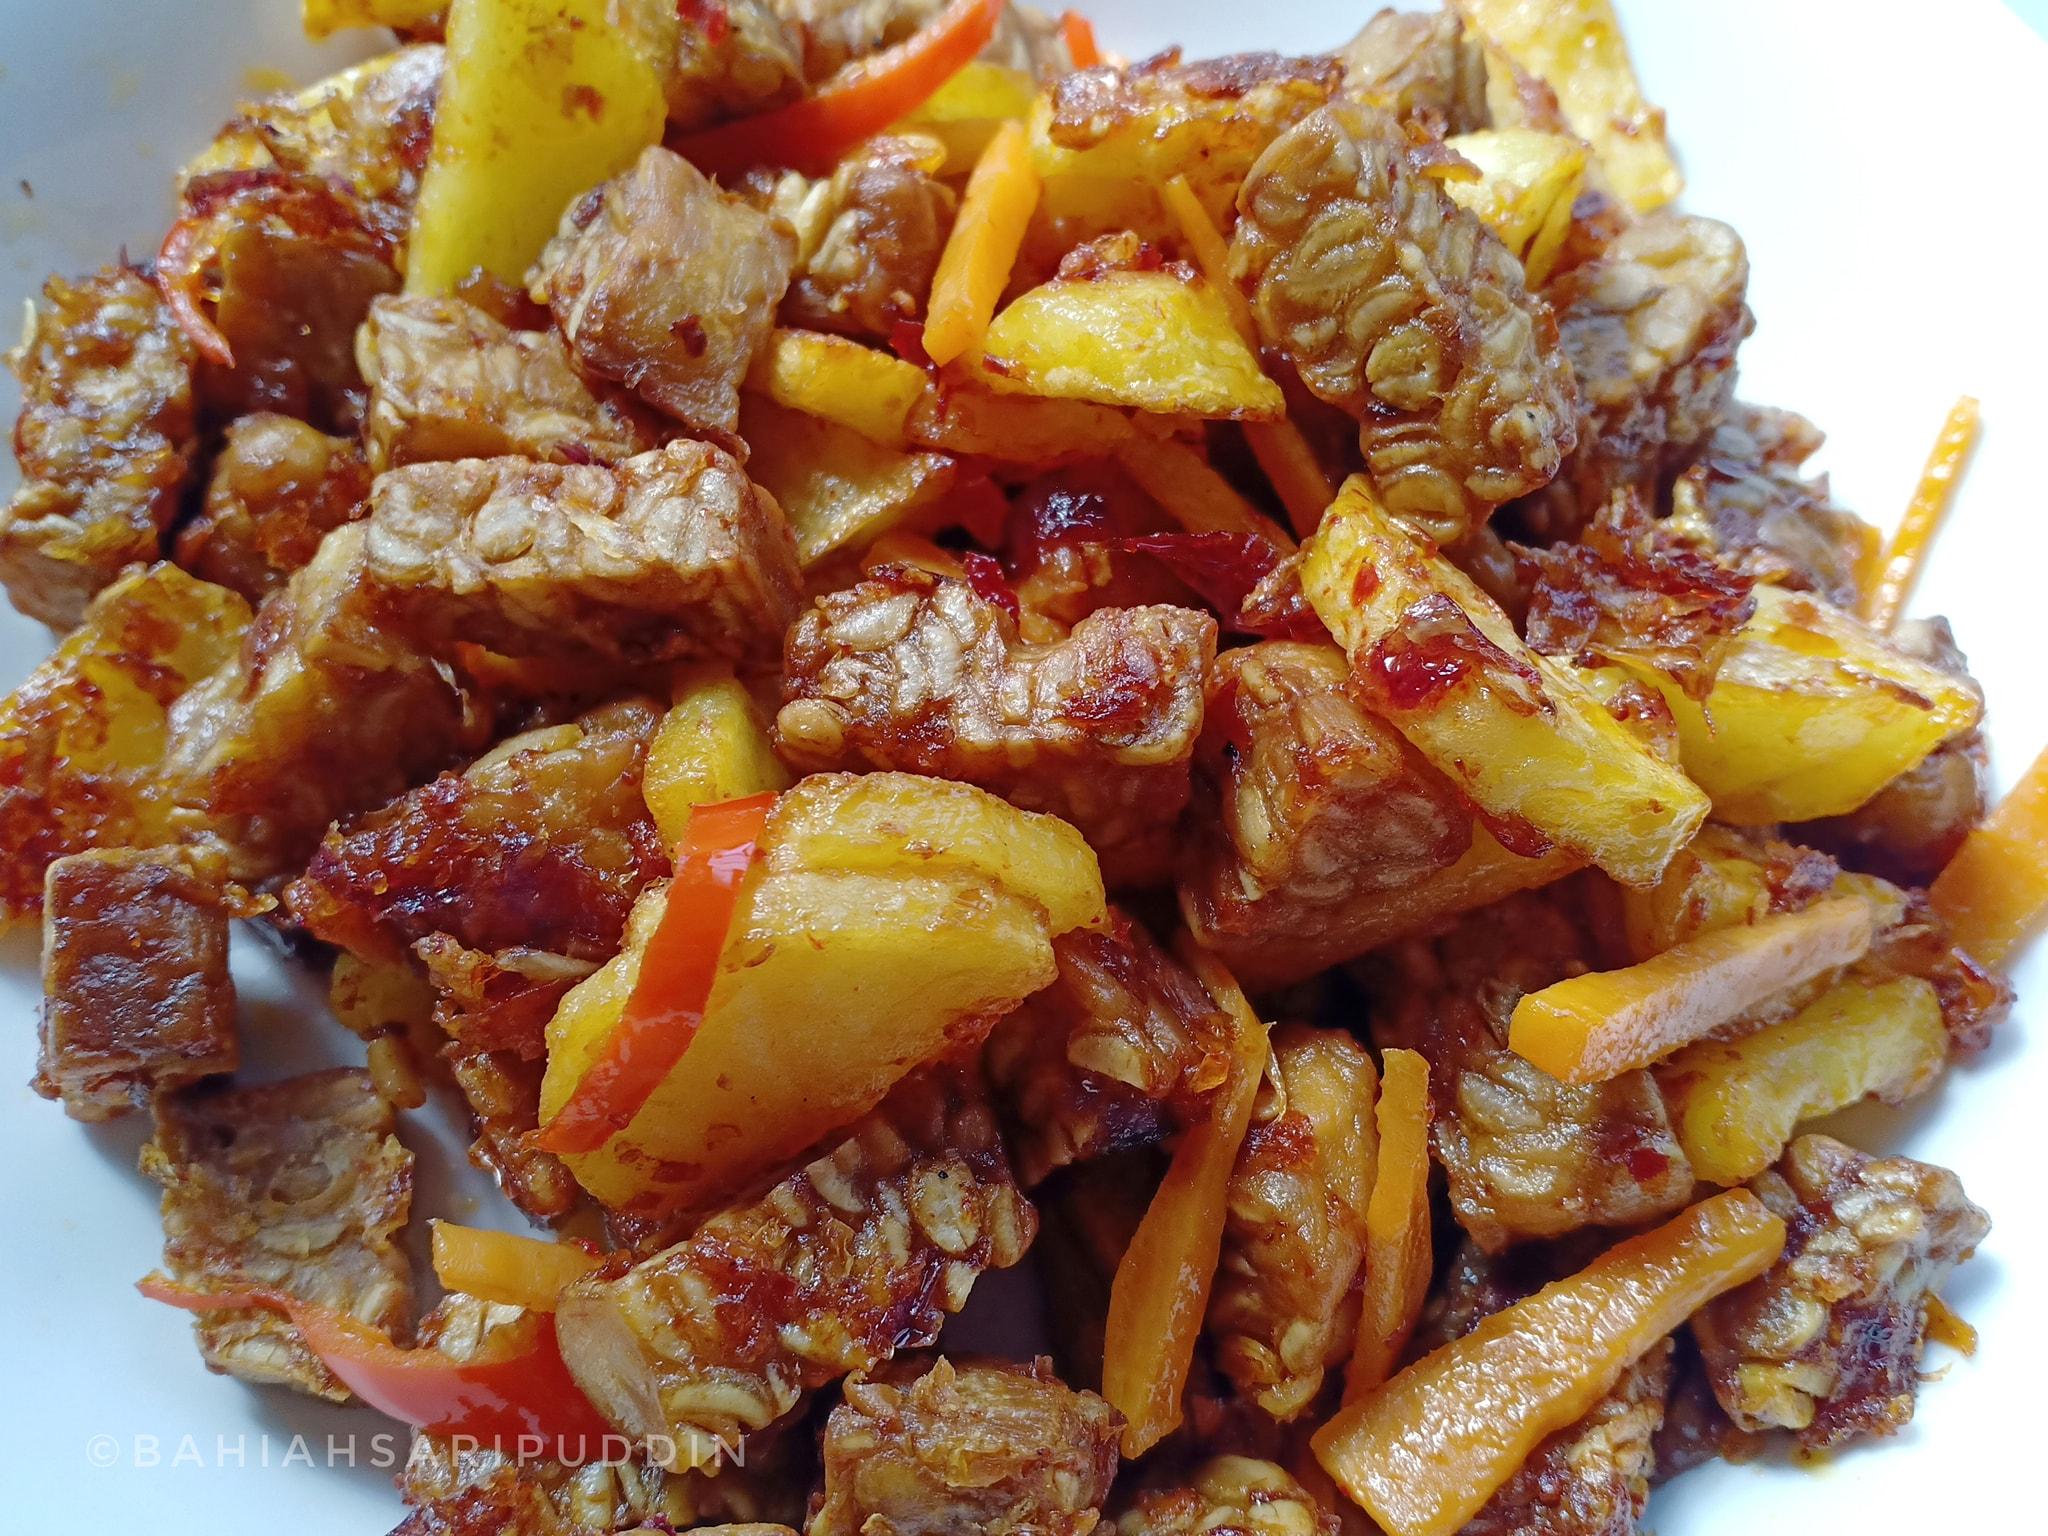 resepi-sambal-tempe Resepi Sambal Tempe Style Kering Pasti Tahan Lama Dan Rebutan Ramai.